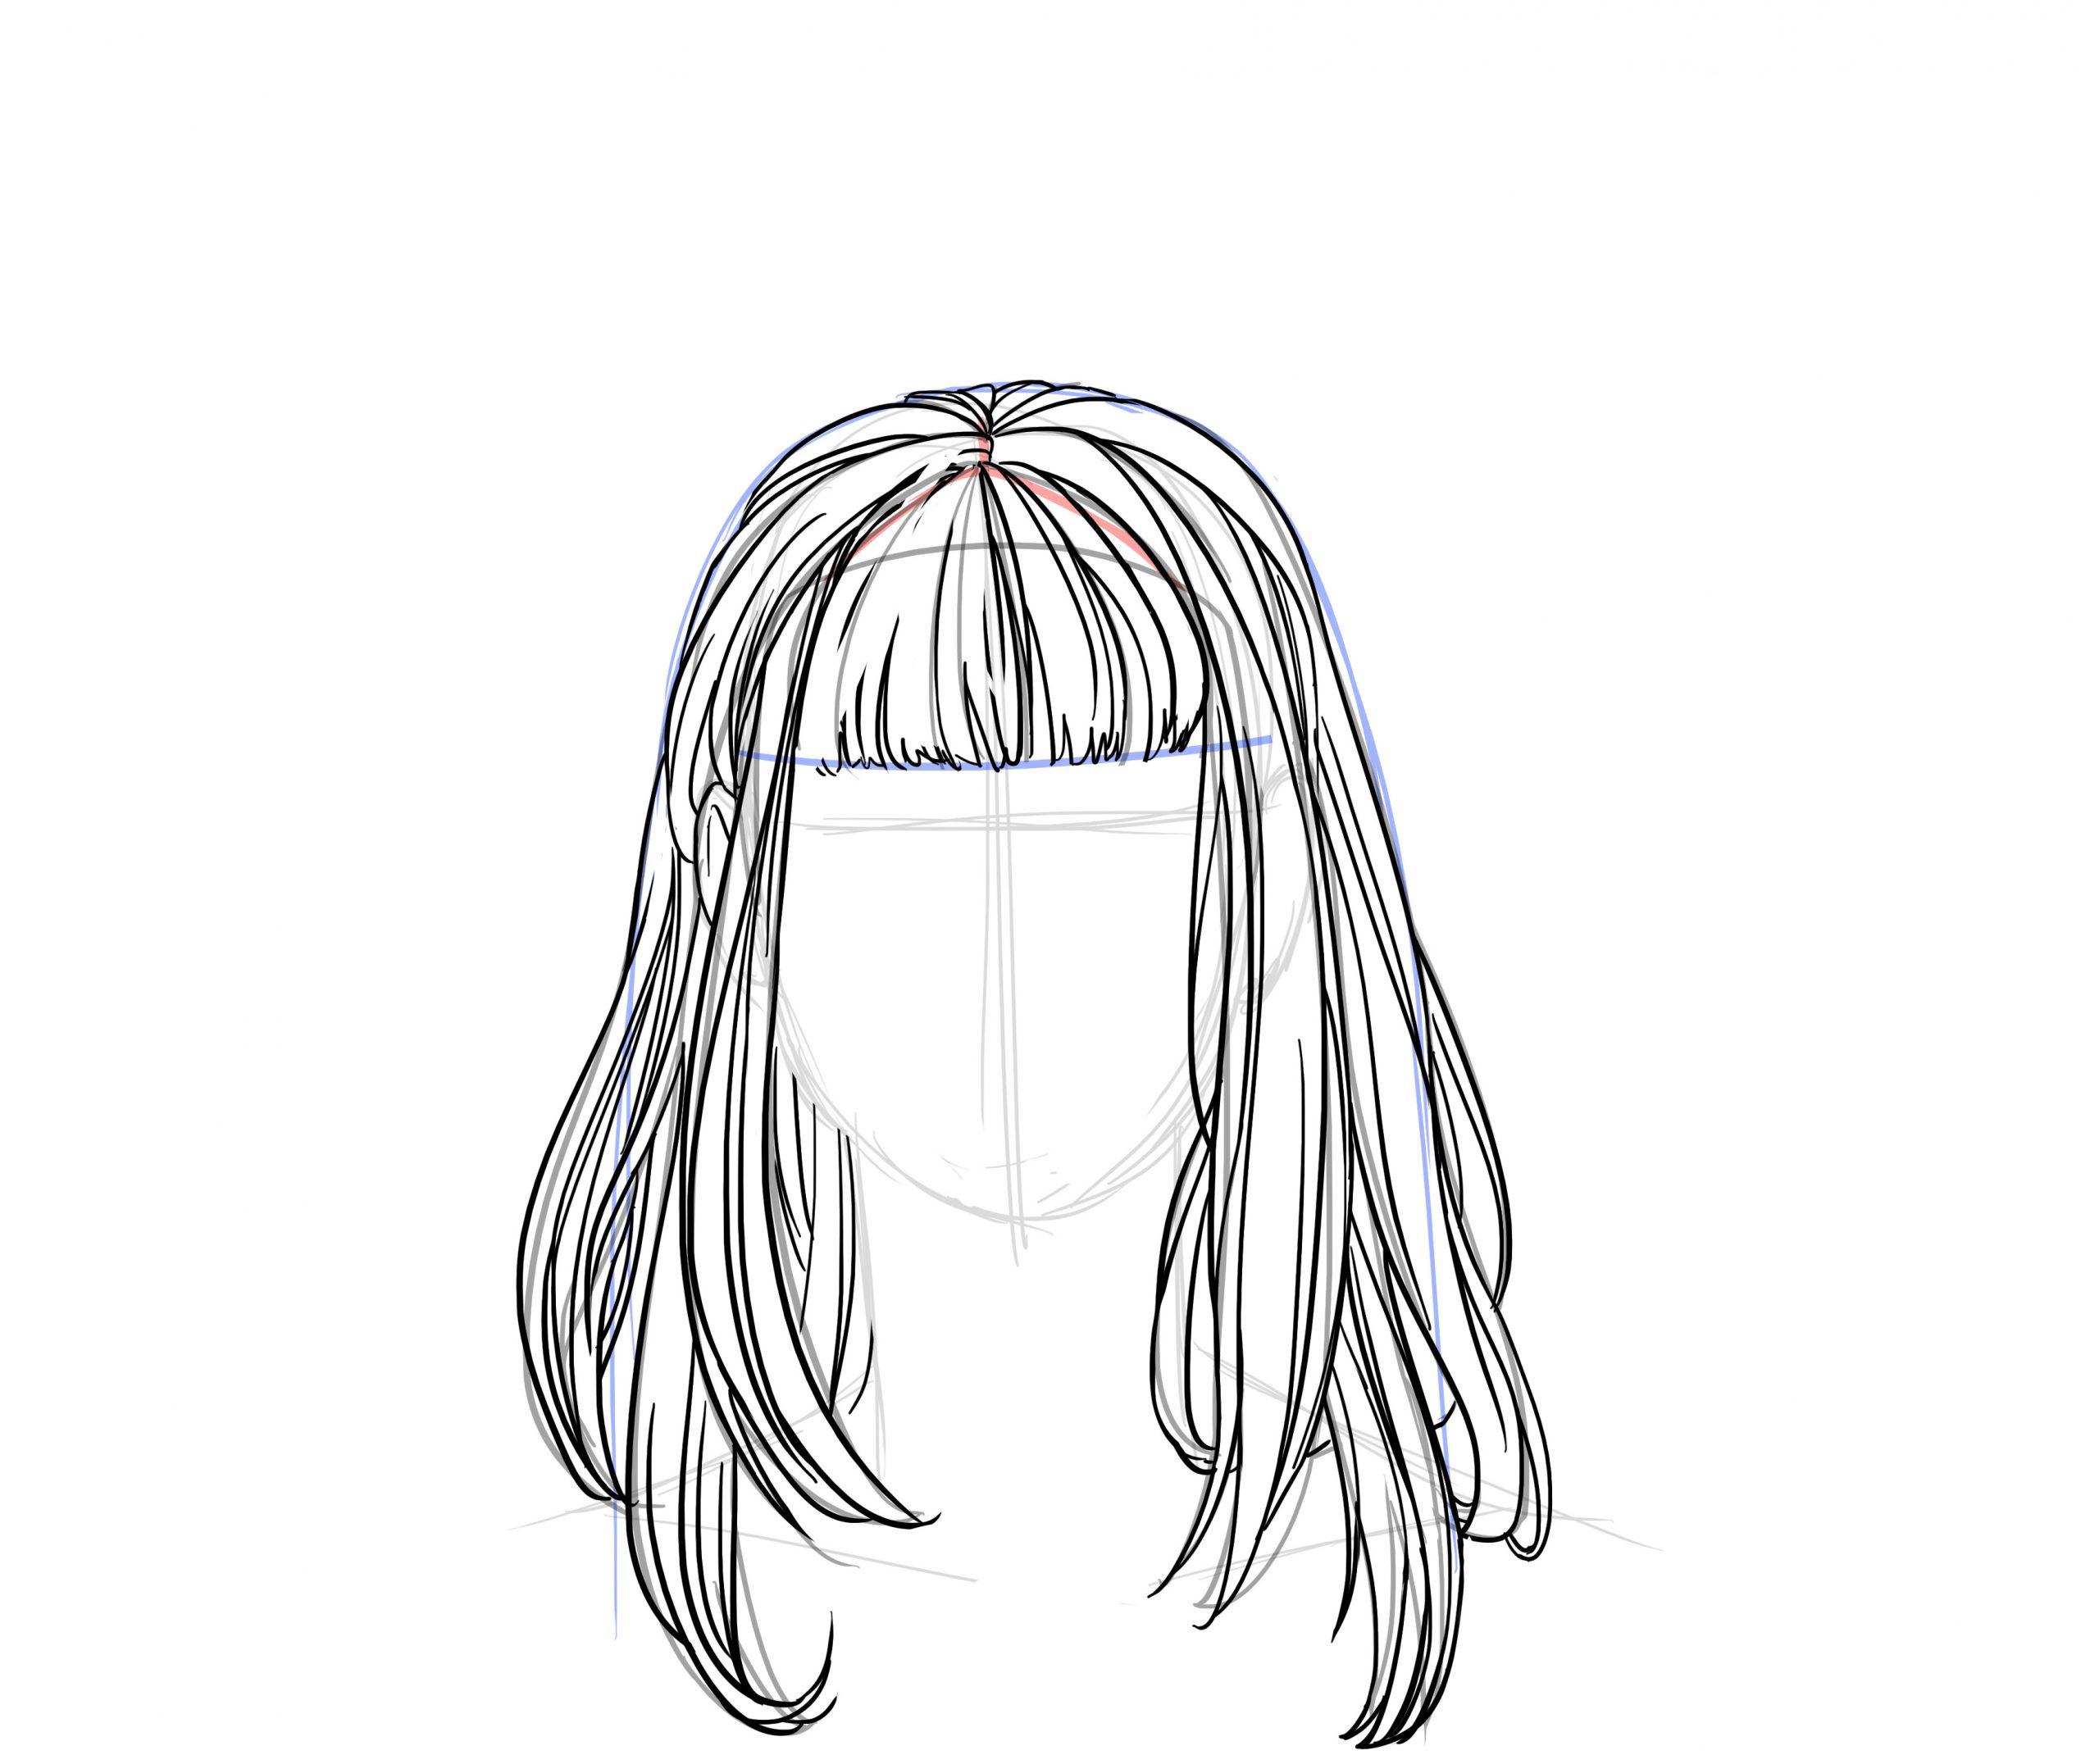 Apprendre À Dessiner Des Cheveux - Dessindigo tout Comment Dessiner Un Marteau